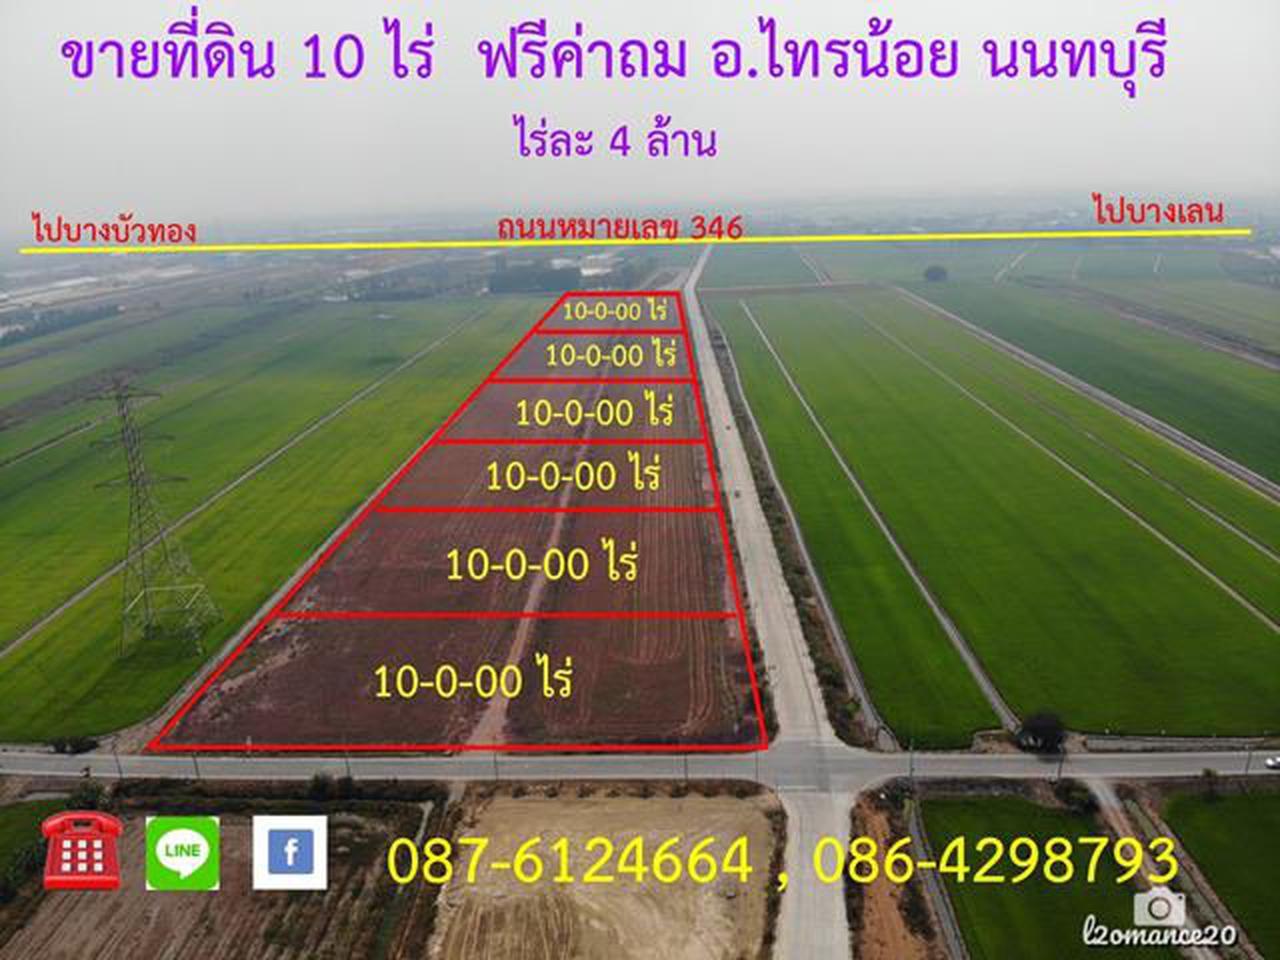 S301 ที่ดินแบ่งขาย 10 ไร่ ถมฟรี ราคา 4 ล้านบาท/ไร่ ขายที่ดินนนทบุรี รูปที่ 1